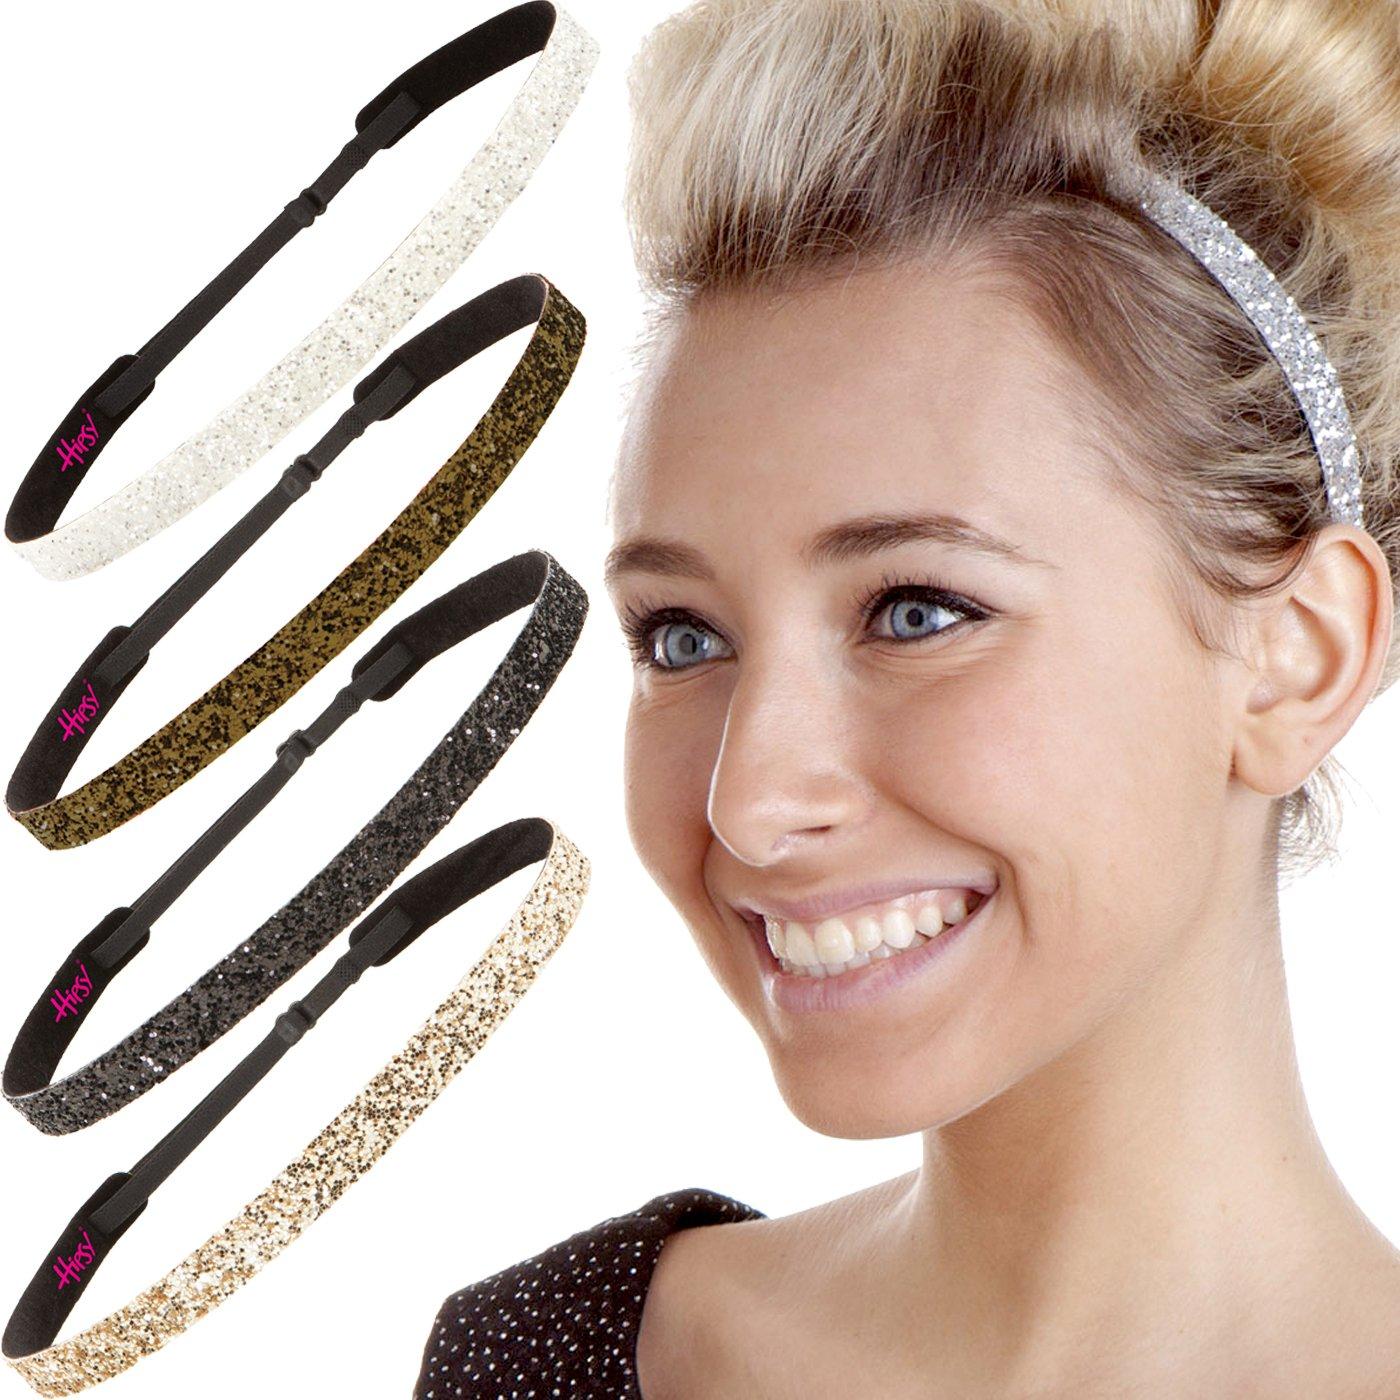 Hipsy 5pk Women's Adjustable NO SLIP Skinny Bling Glitter Headband Multi Gift Pack (Gold/Black/Silver/Brown/White)